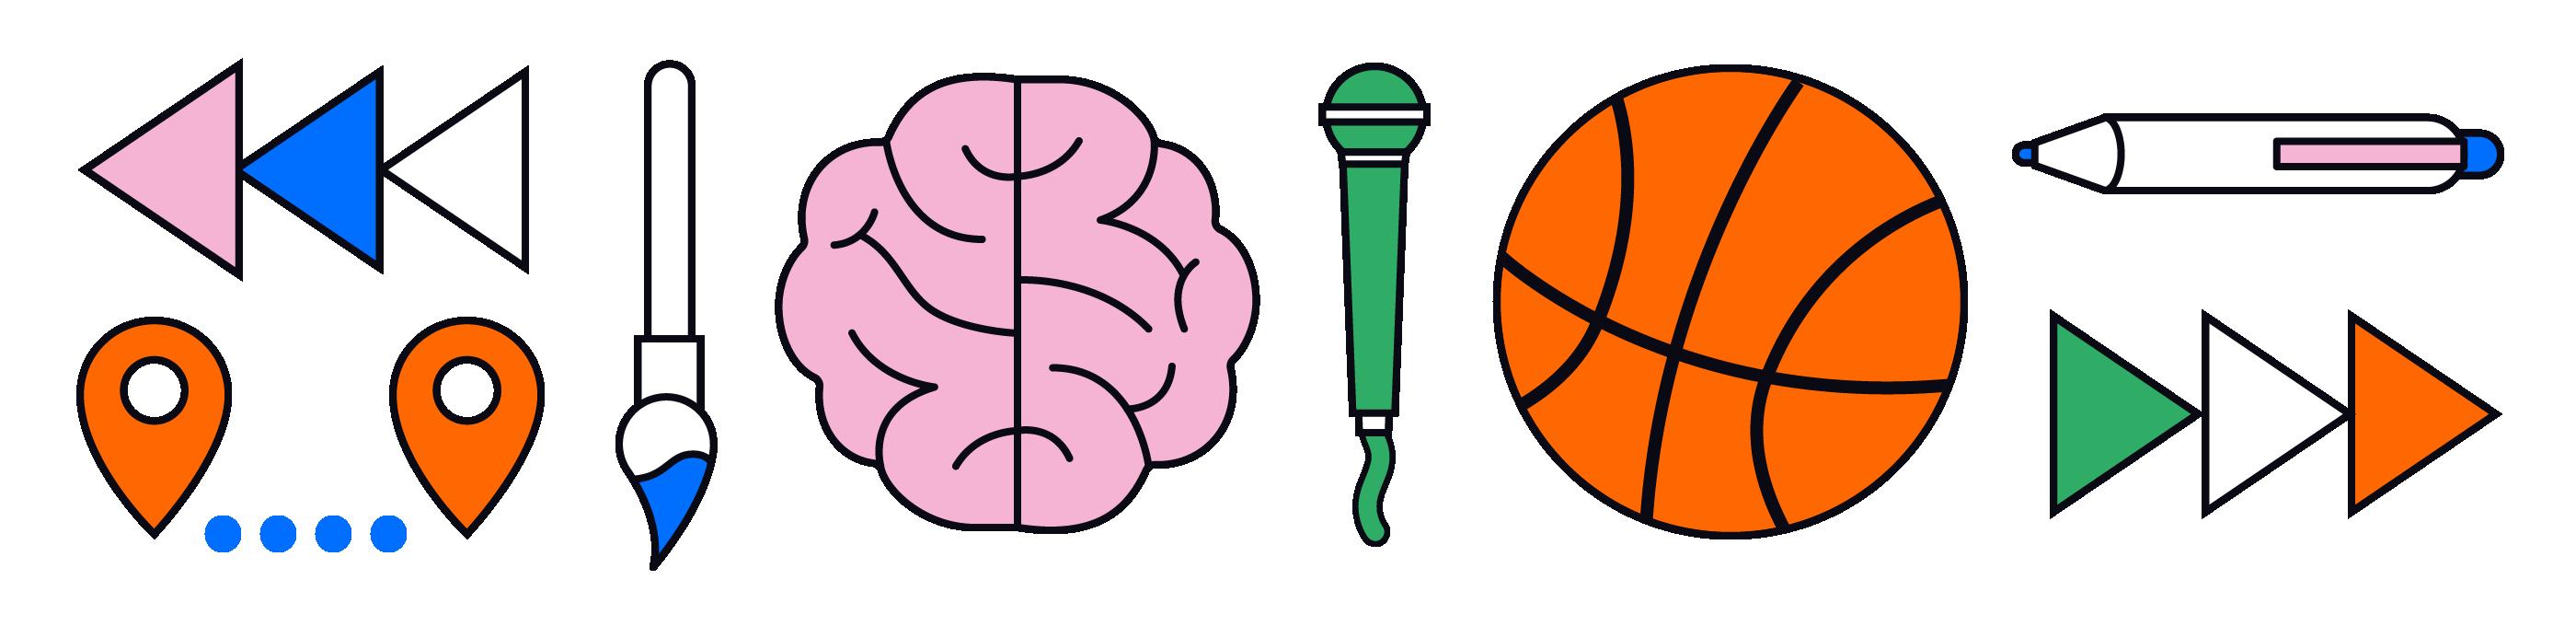 Een serie van iconen die de invulling van het programma visualiseren. Pijlen vooruit en achteruit die het terugblikken en vooruit kijken symboliseren. Twee kaartwijzers voor 'onbeperkt bewegen', hersenen en een pen voor 'onbeperkt ontwikkelen' en een kwast en een basketbal voor 'onbeperkt genieten'